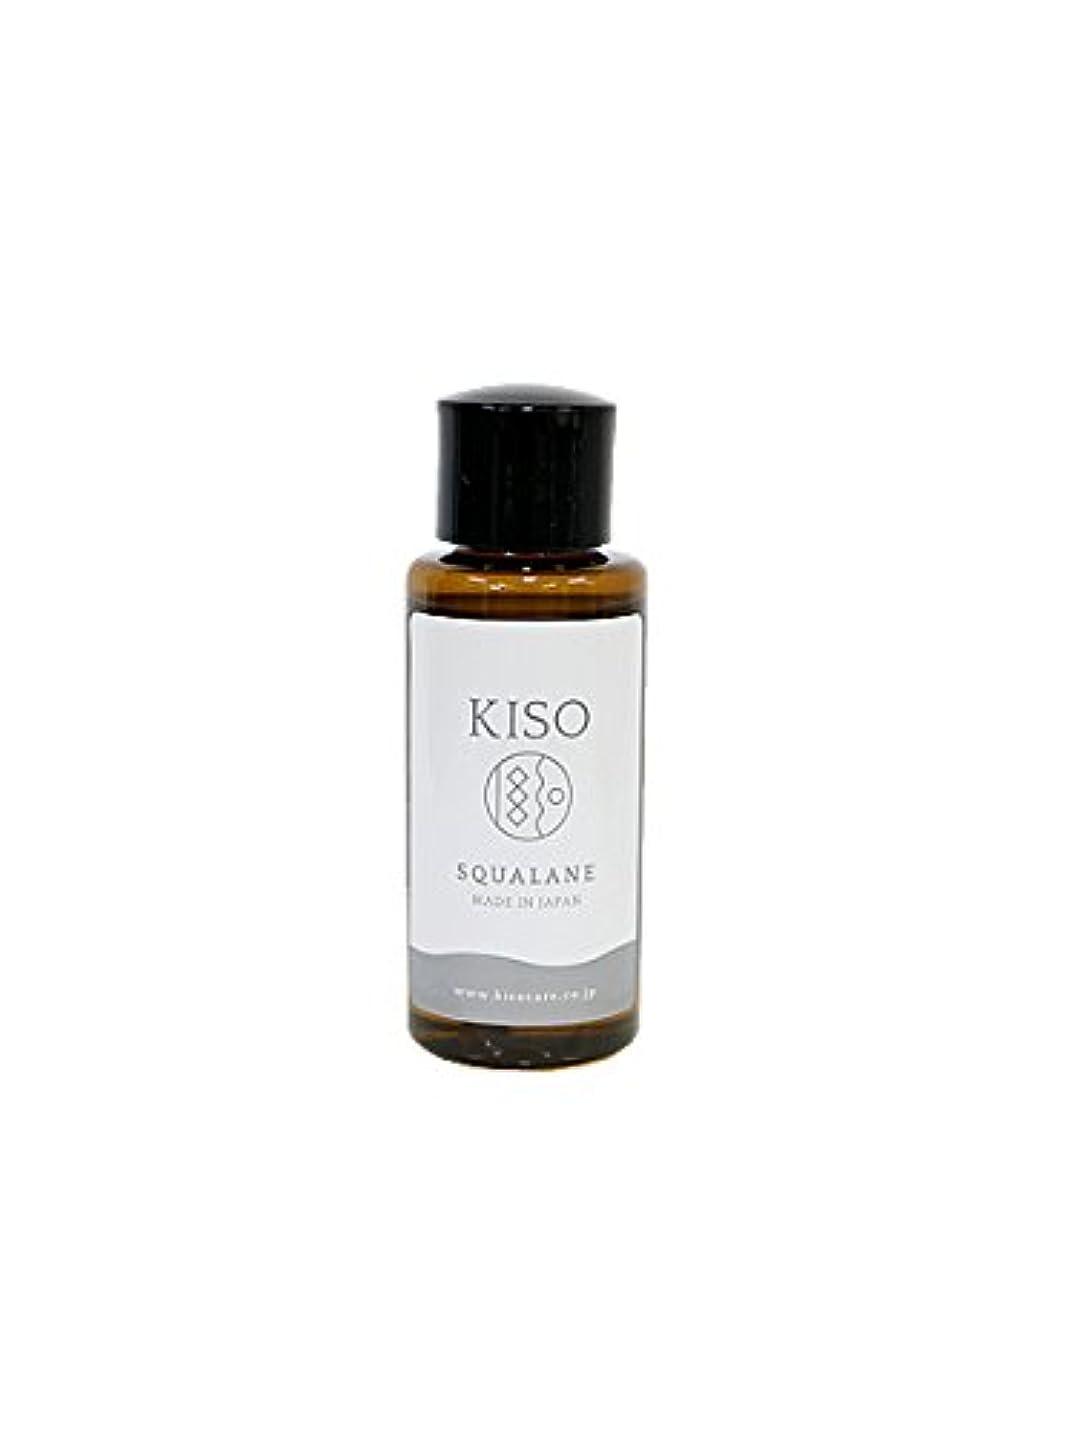 成り立つ無視できる遠足KISO 高純度 【スクワラン50mL】 100% 深海ザメ肝油/原液/オイル/保湿/低刺激/敏感肌/普通肌/ベビーオイル